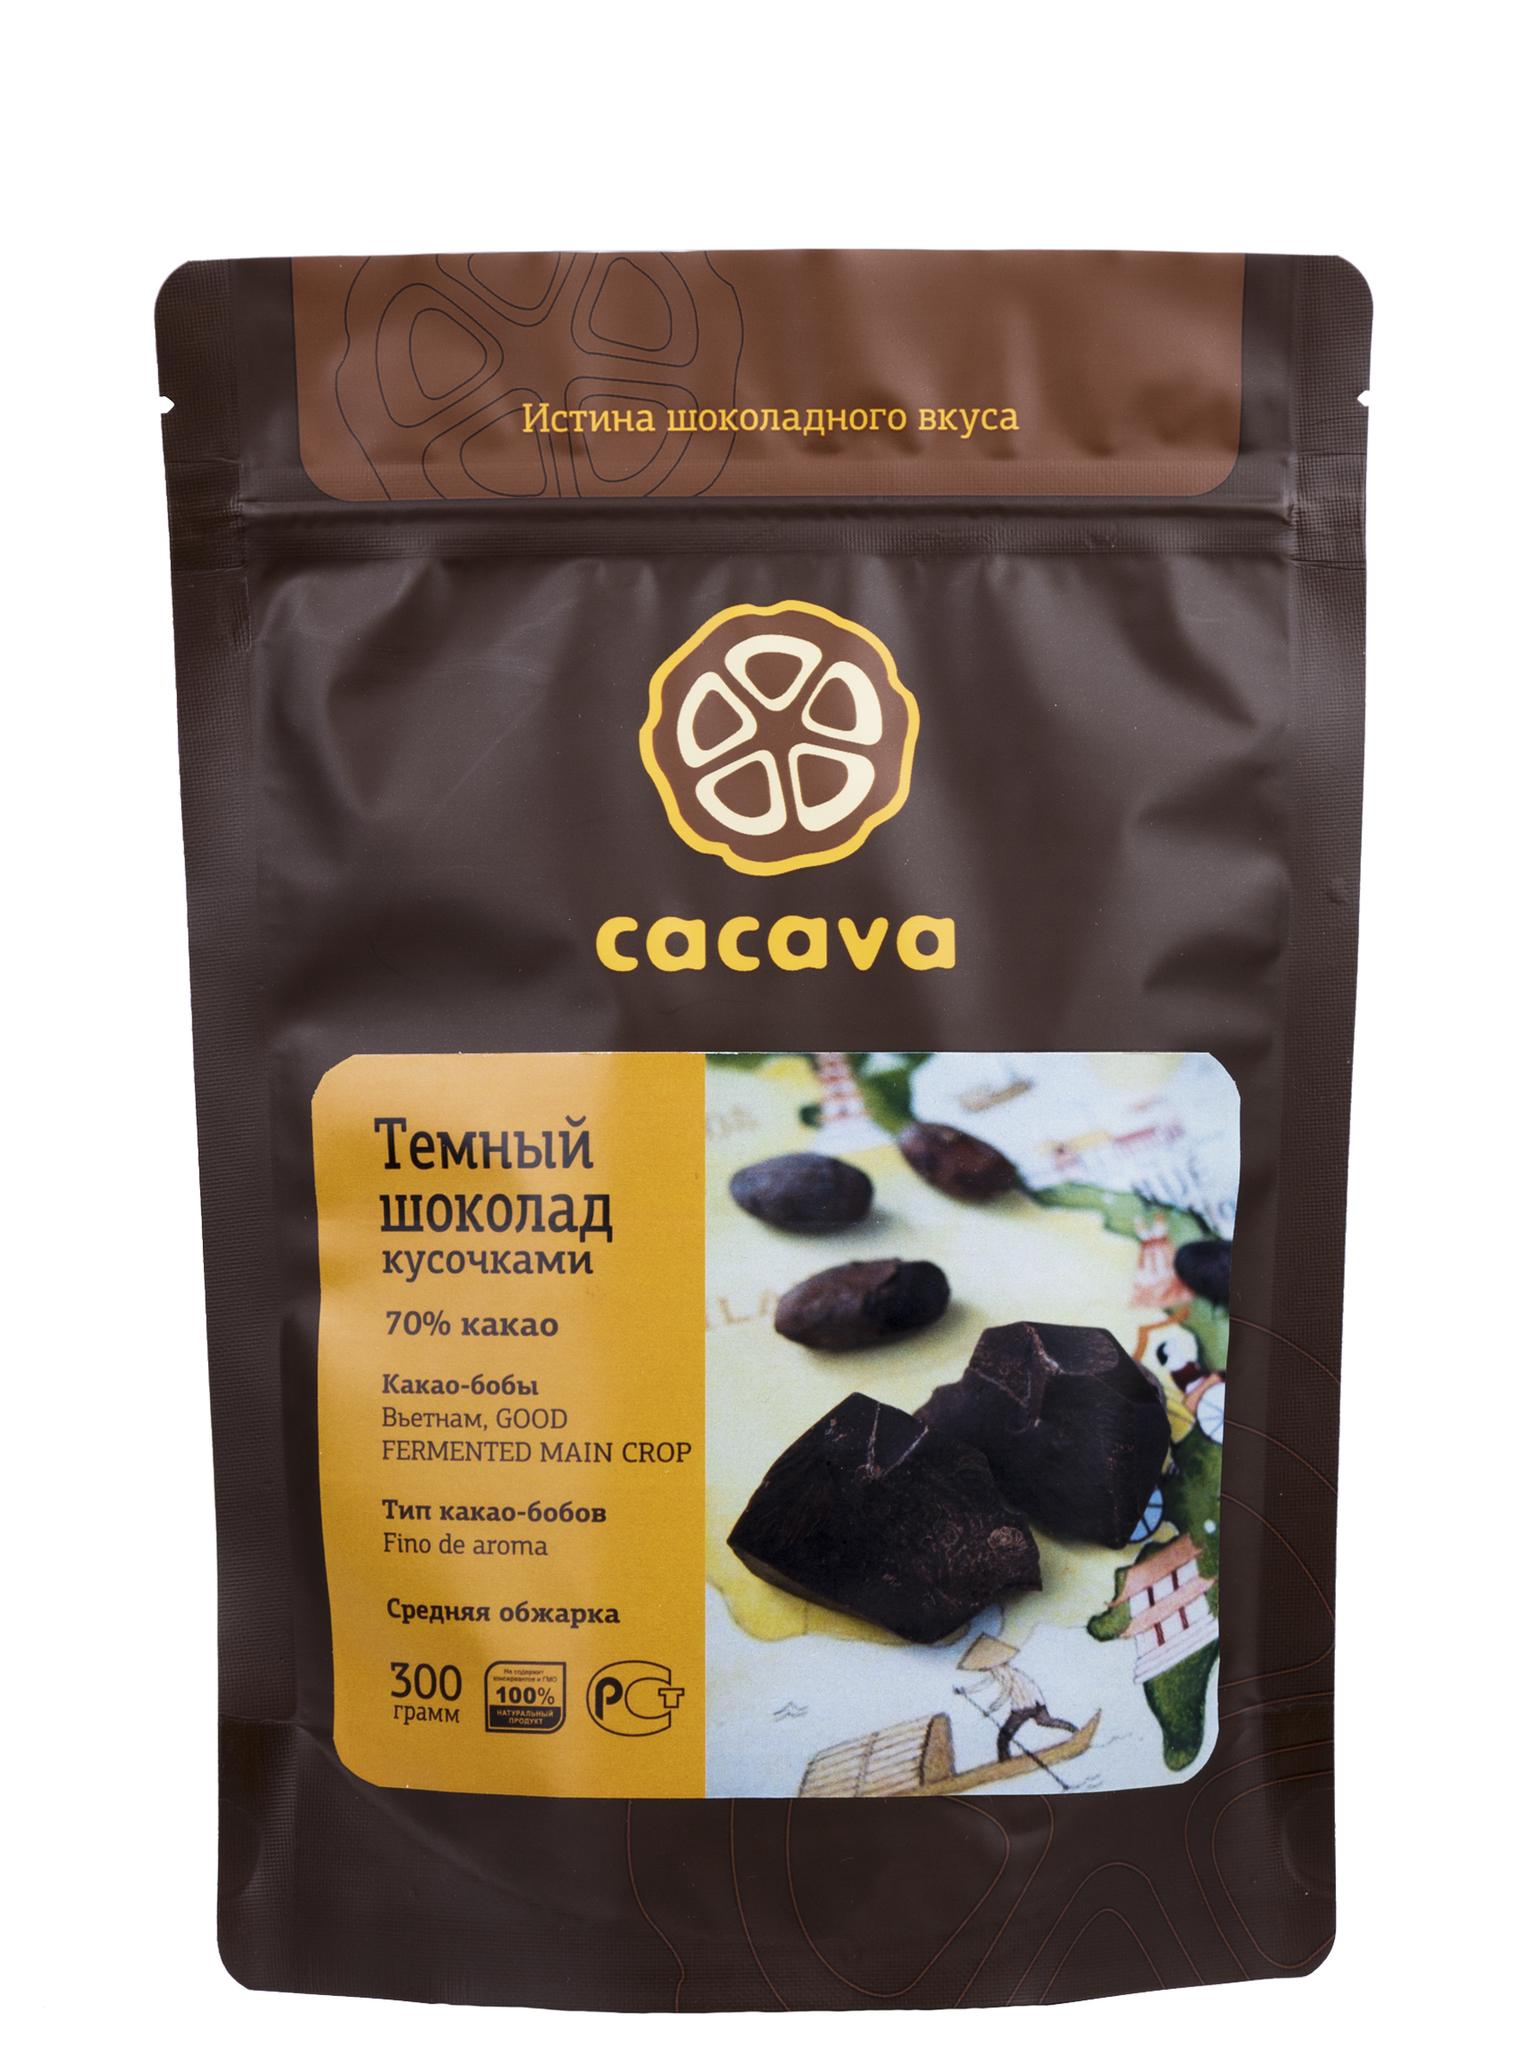 Тёмный шоколад 70 % какао (Вьетнам), упаковка 300 г